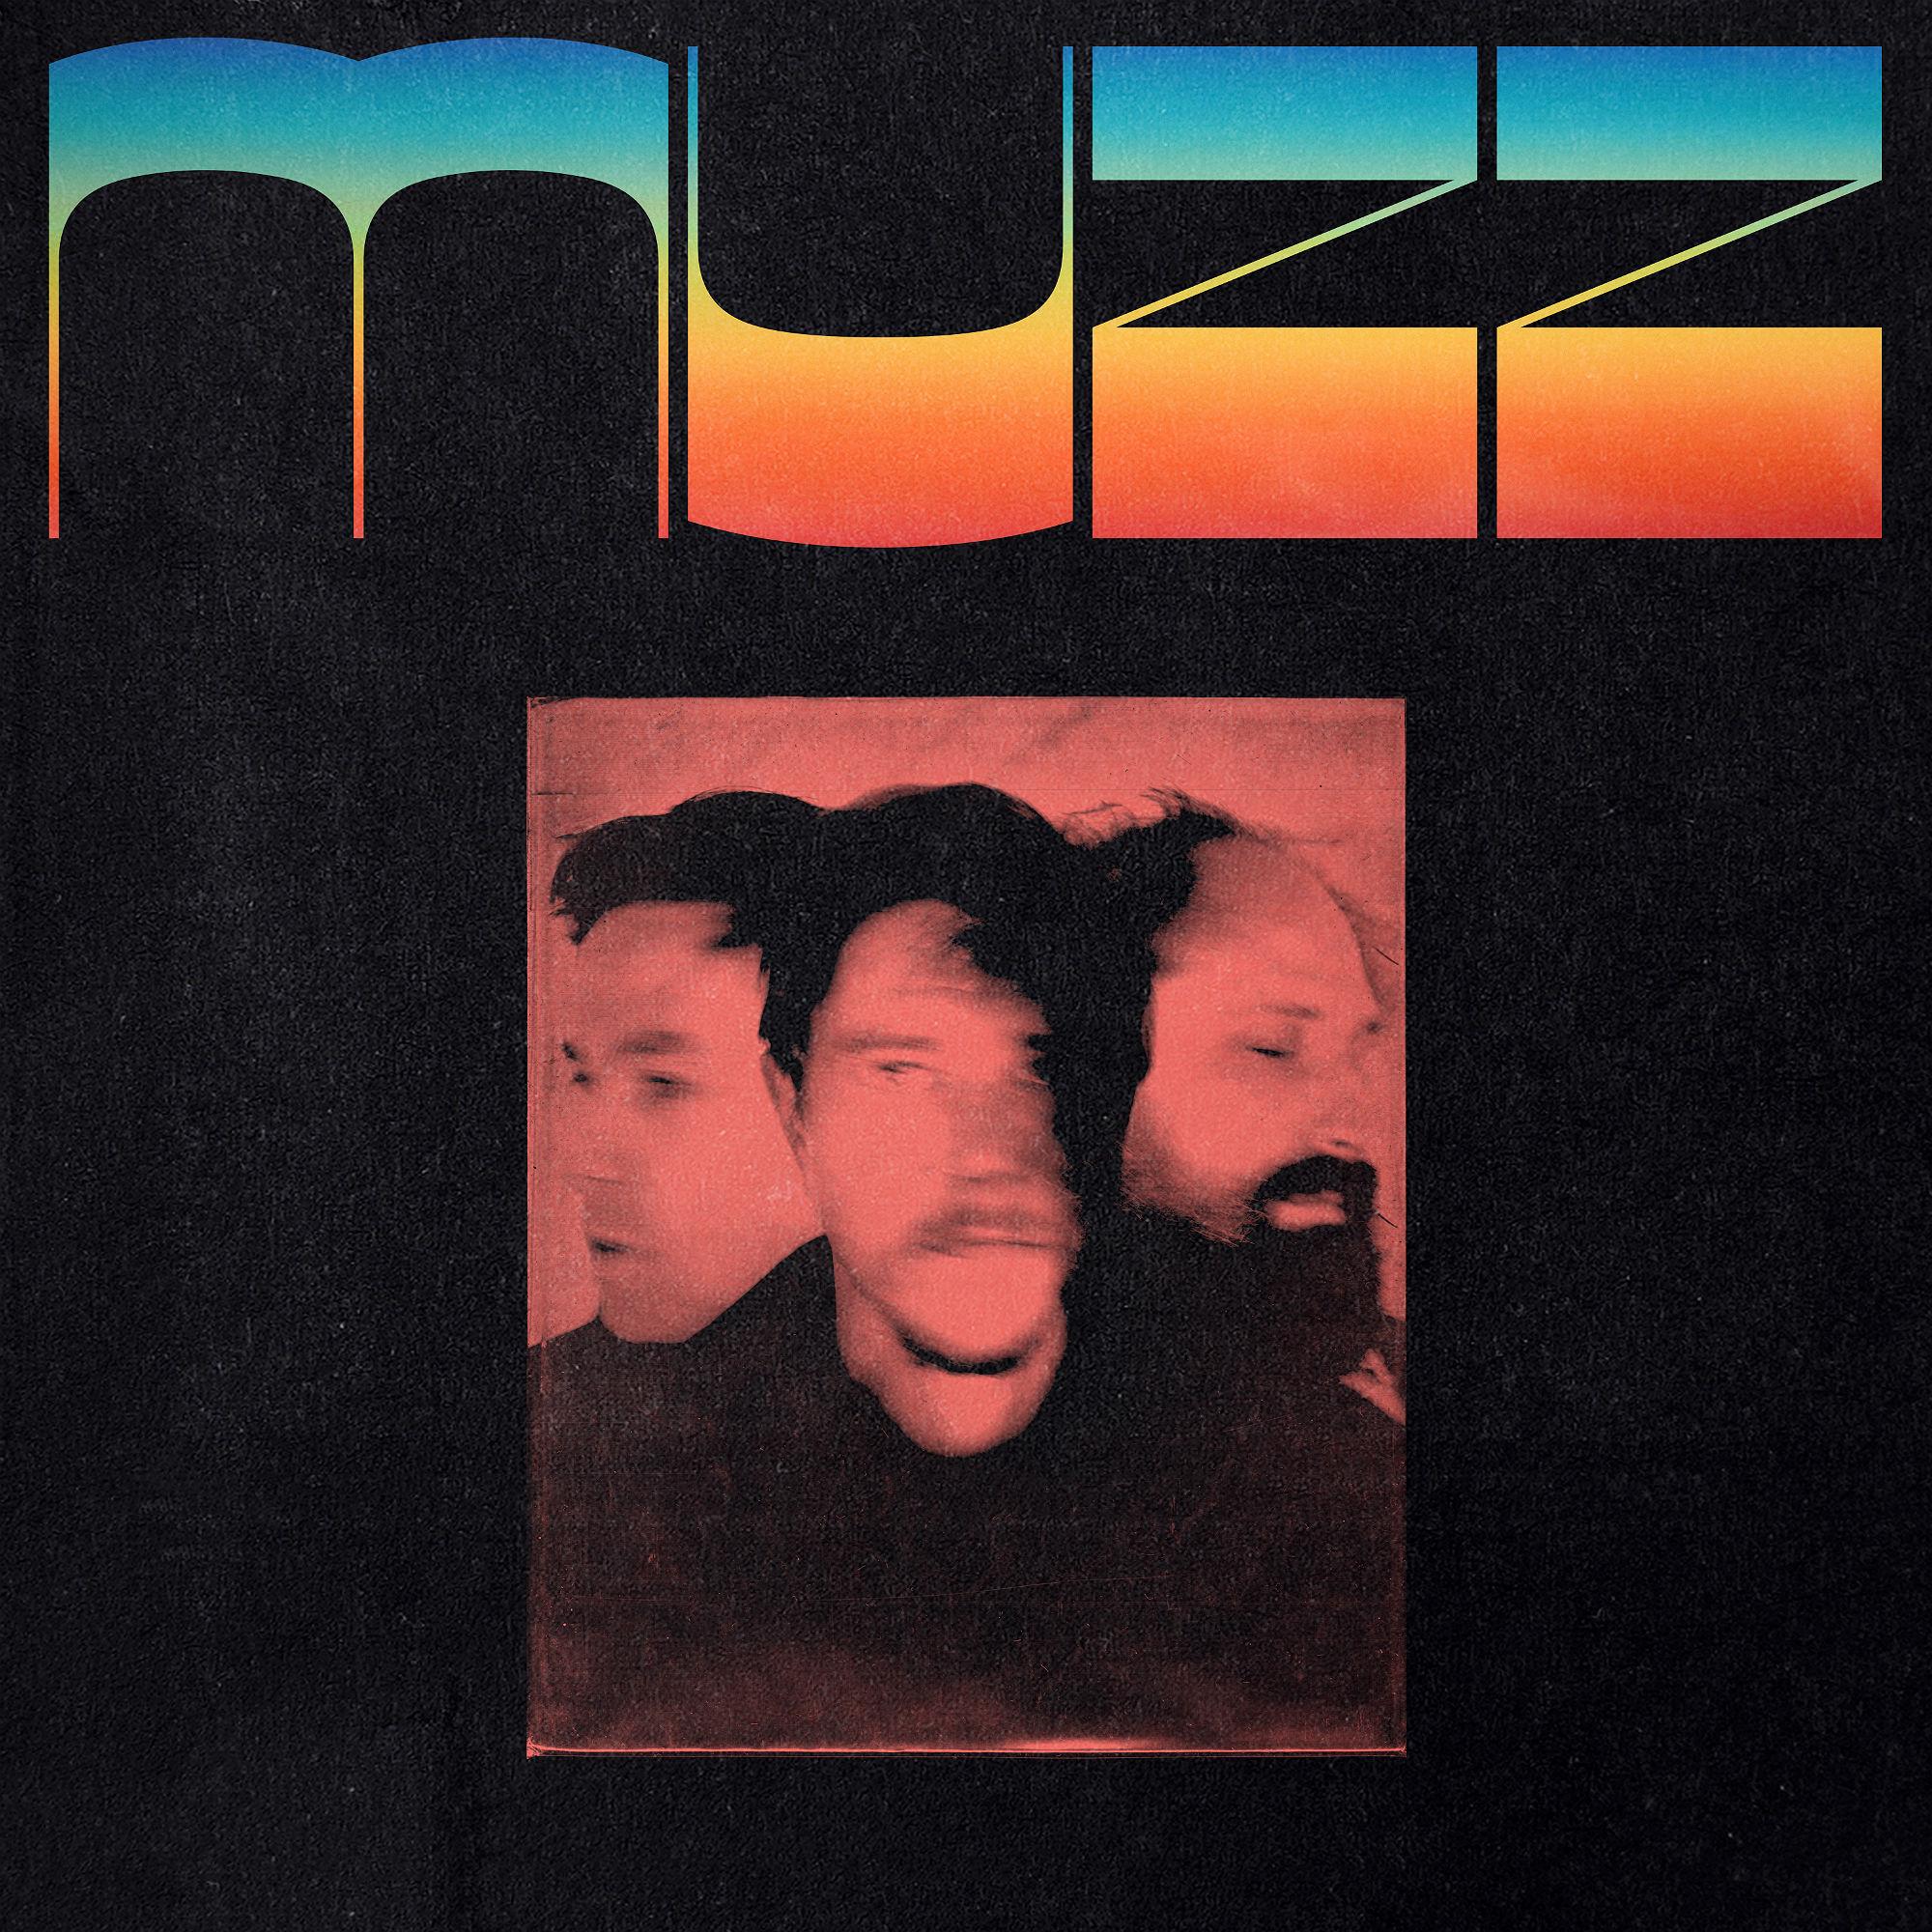 Supergroup Muzz